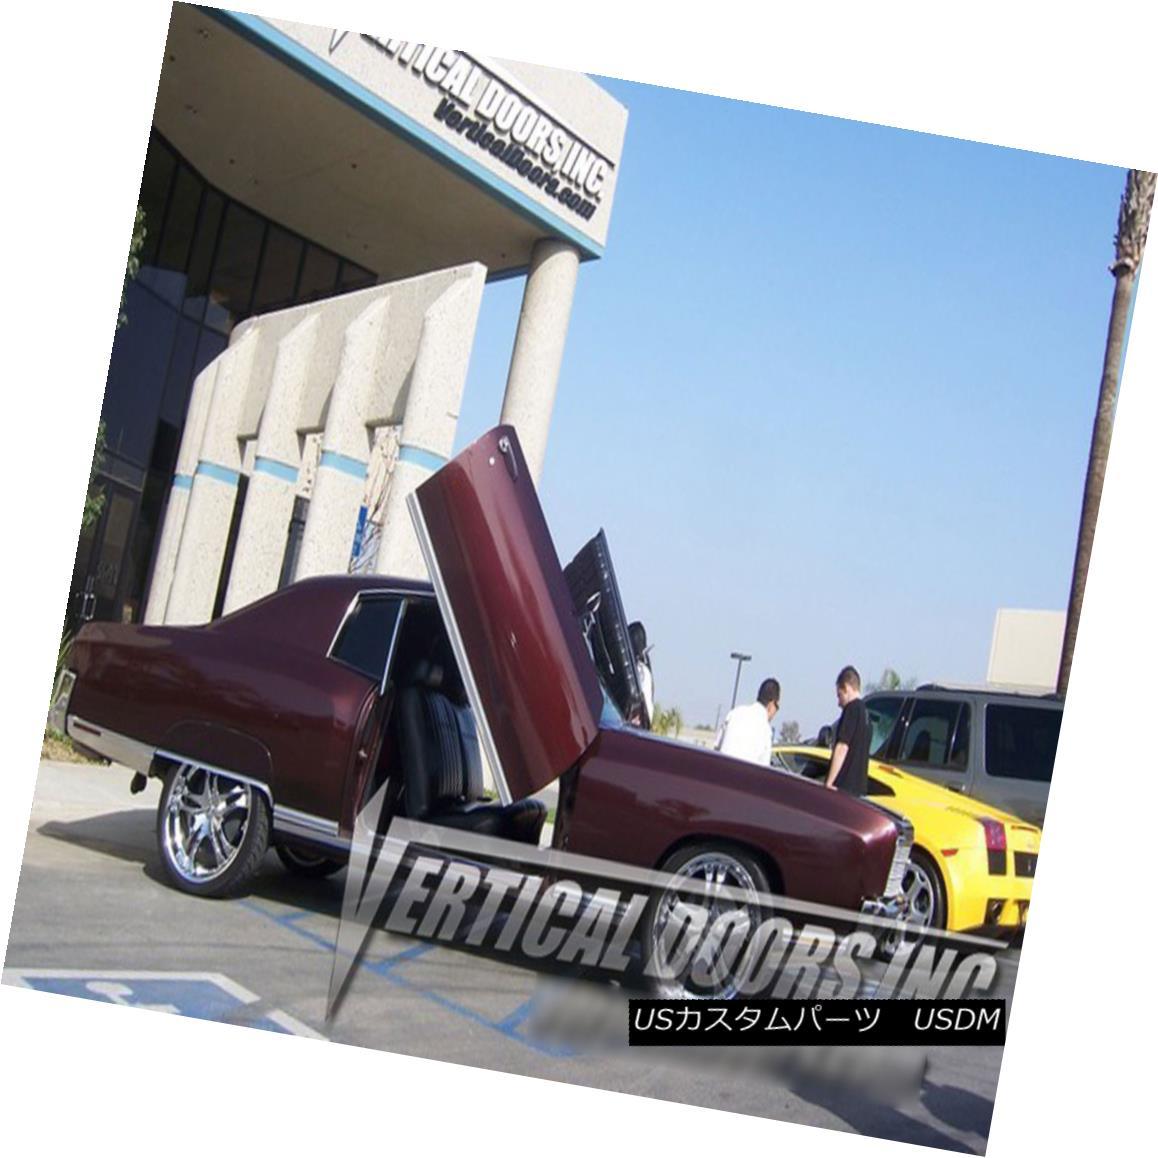 ガルウィングキット Chevy Monte Carlo 70-72 Lambo Kit Vertical Doors 71 シボレーモンテカルロ70-72ランボキット垂直ドア71